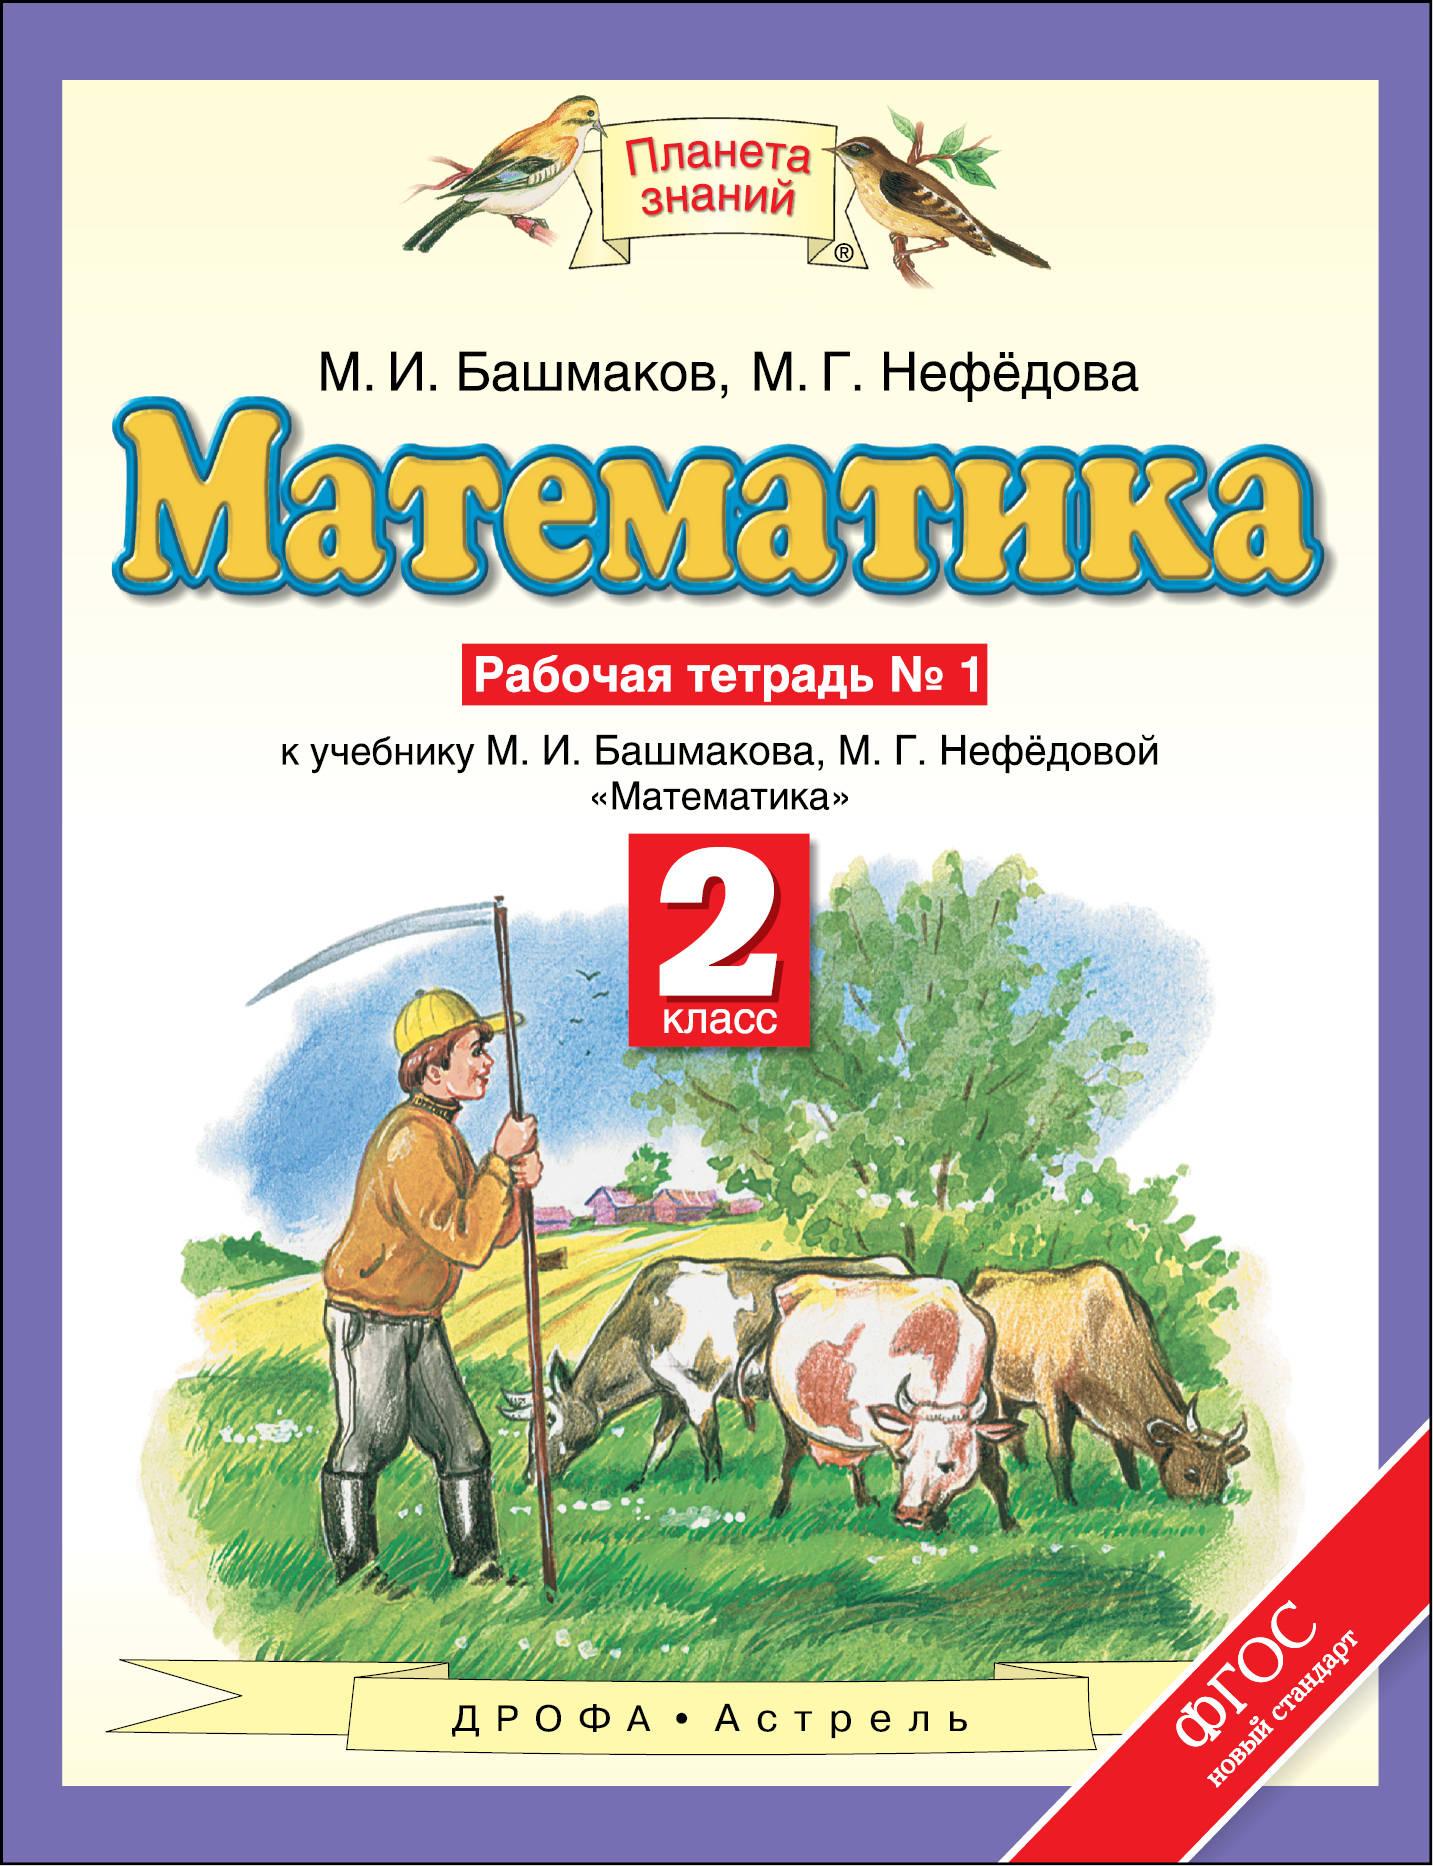 М. И. Башмаков, М. Г. Нефедова Математика. 2 класс. Рабочая тетрадь №1 башмаков м нефедова м математика 4 класс учебник часть 2 фгос